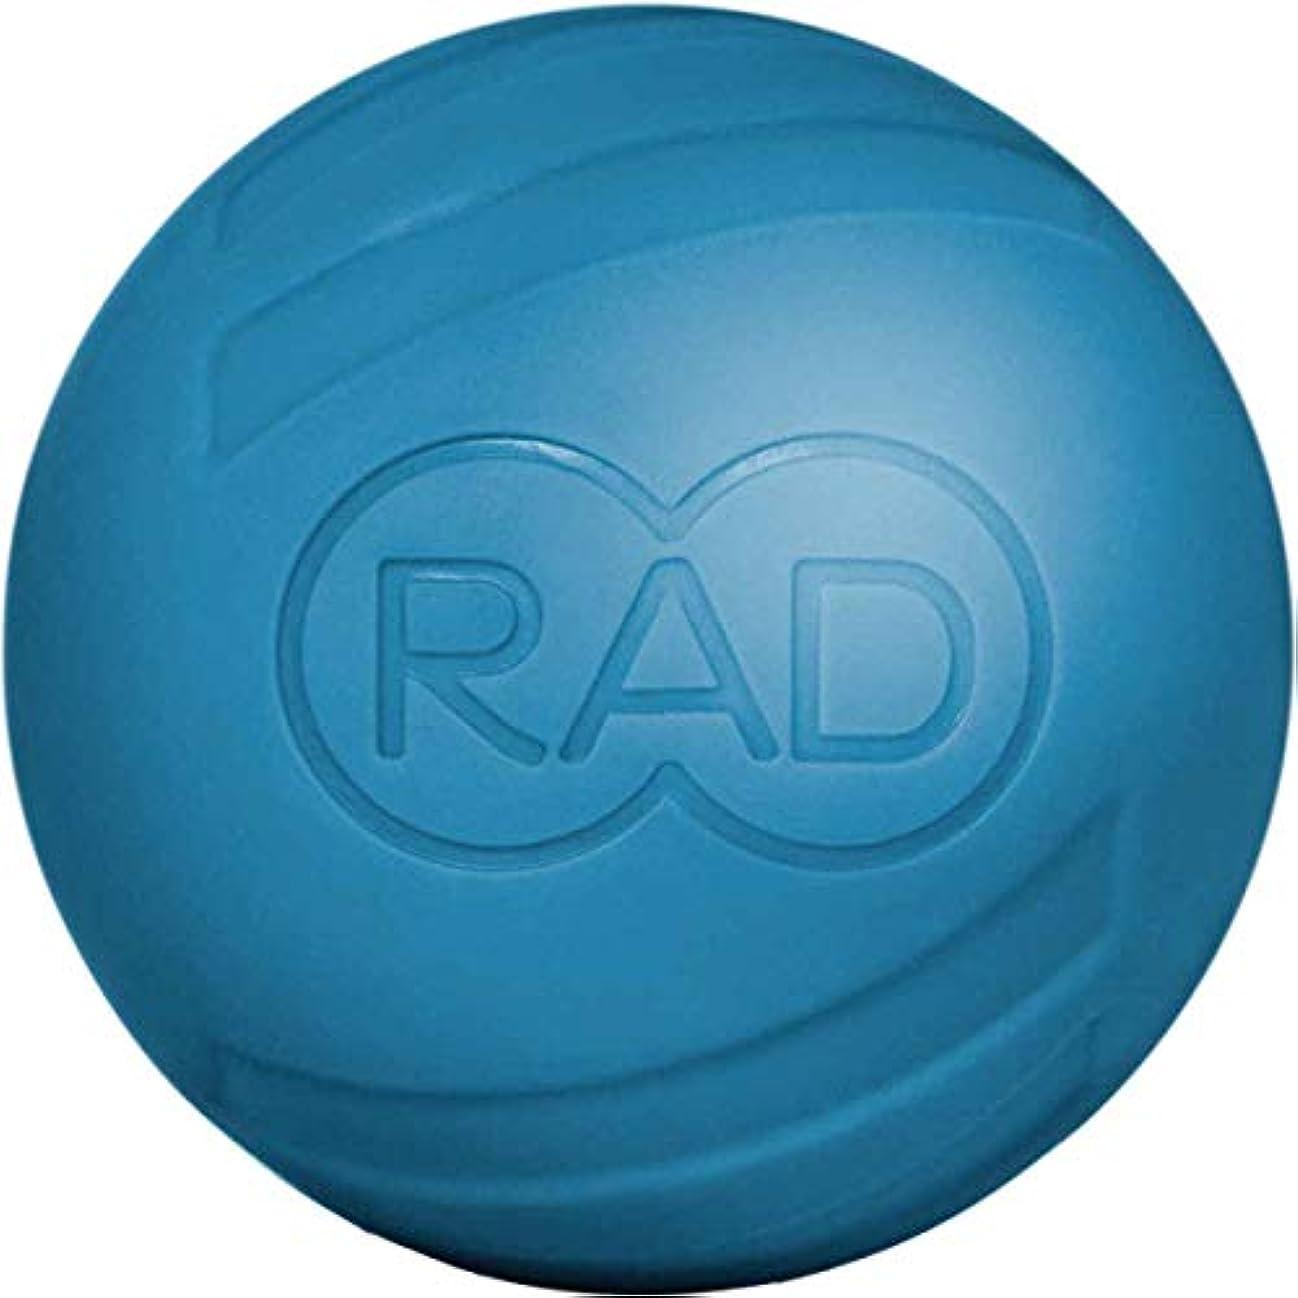 ランダム下線浸透するRAD アトム|高密度筋膜リリースツール|セルフマッサージで可動性と回復を促します